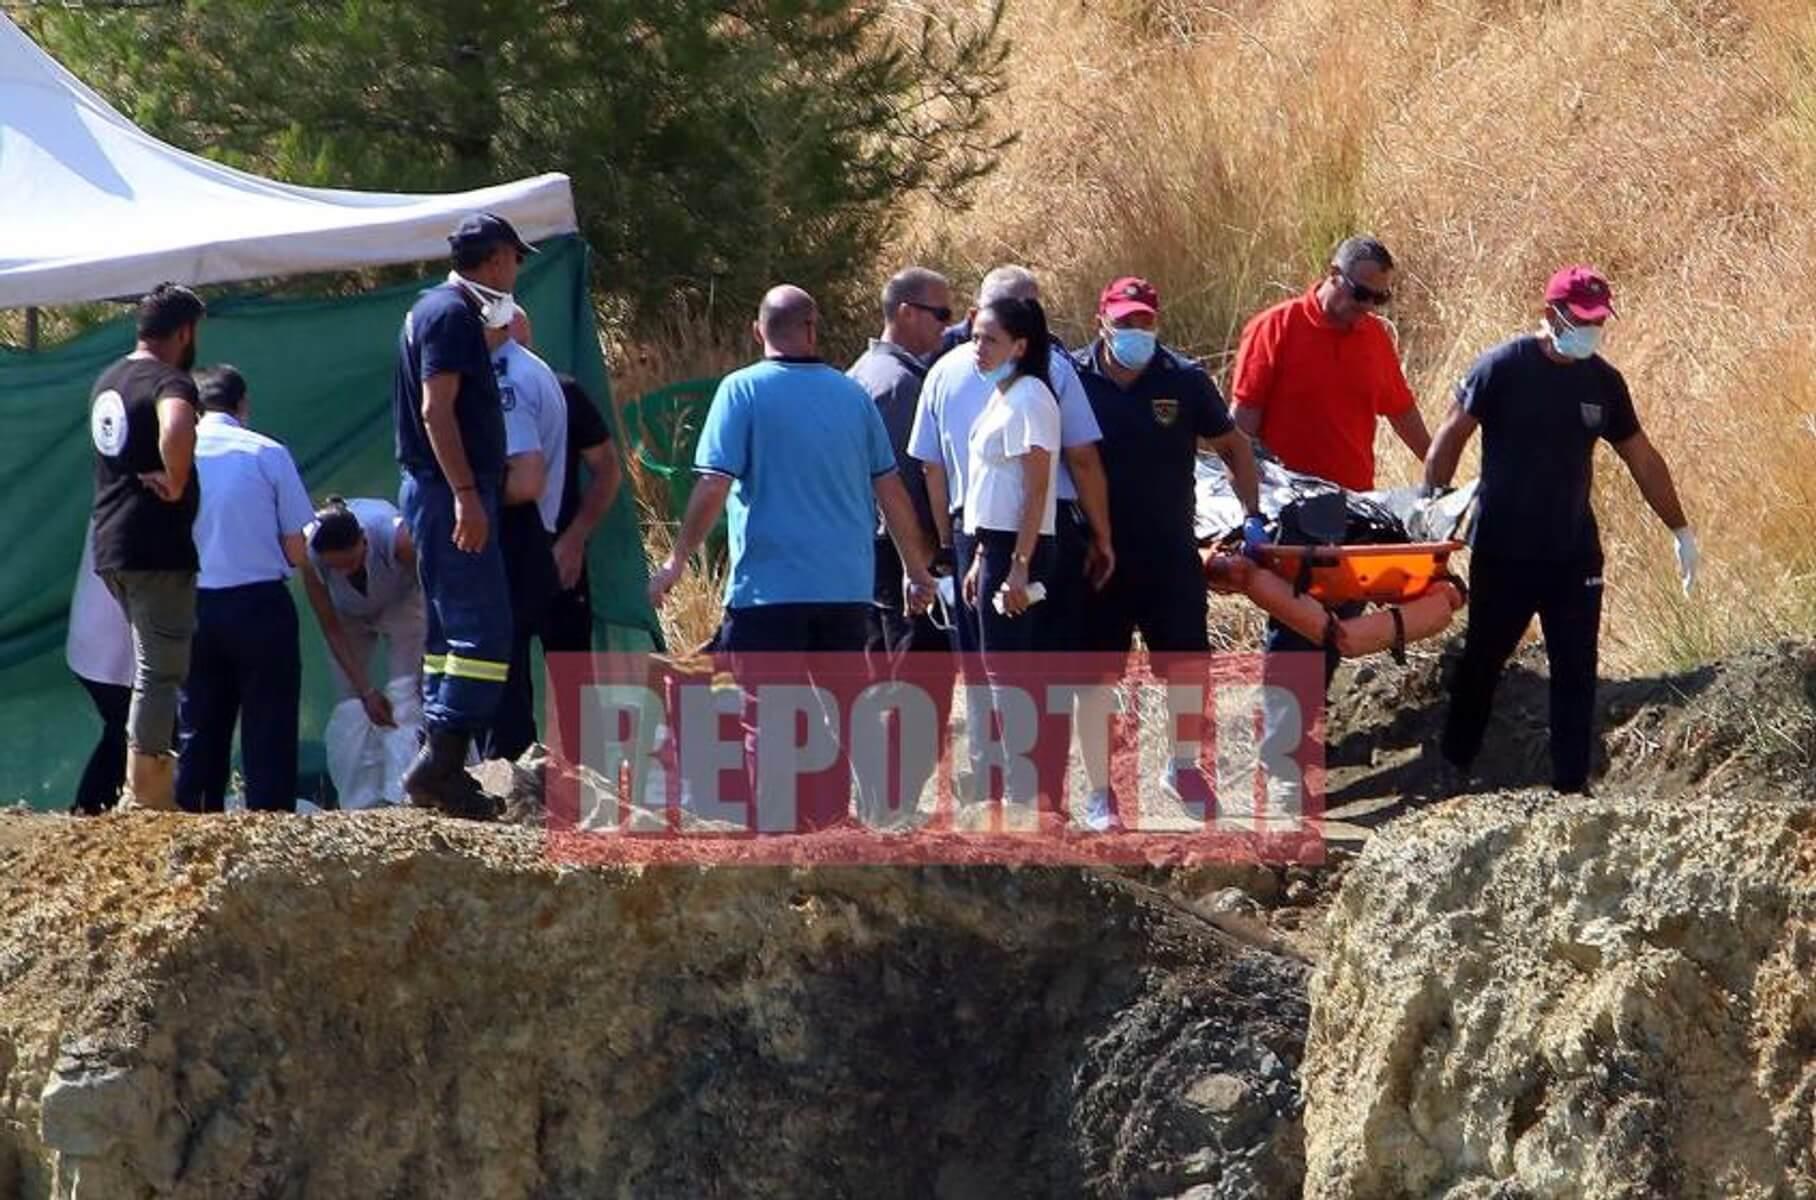 Σε βάθος έξι μέτρων το άψυχο κορμάκι της 6χρονης Sierra - Ομολόγησε ότι την στραγγάλισε ο «Ορέστης»